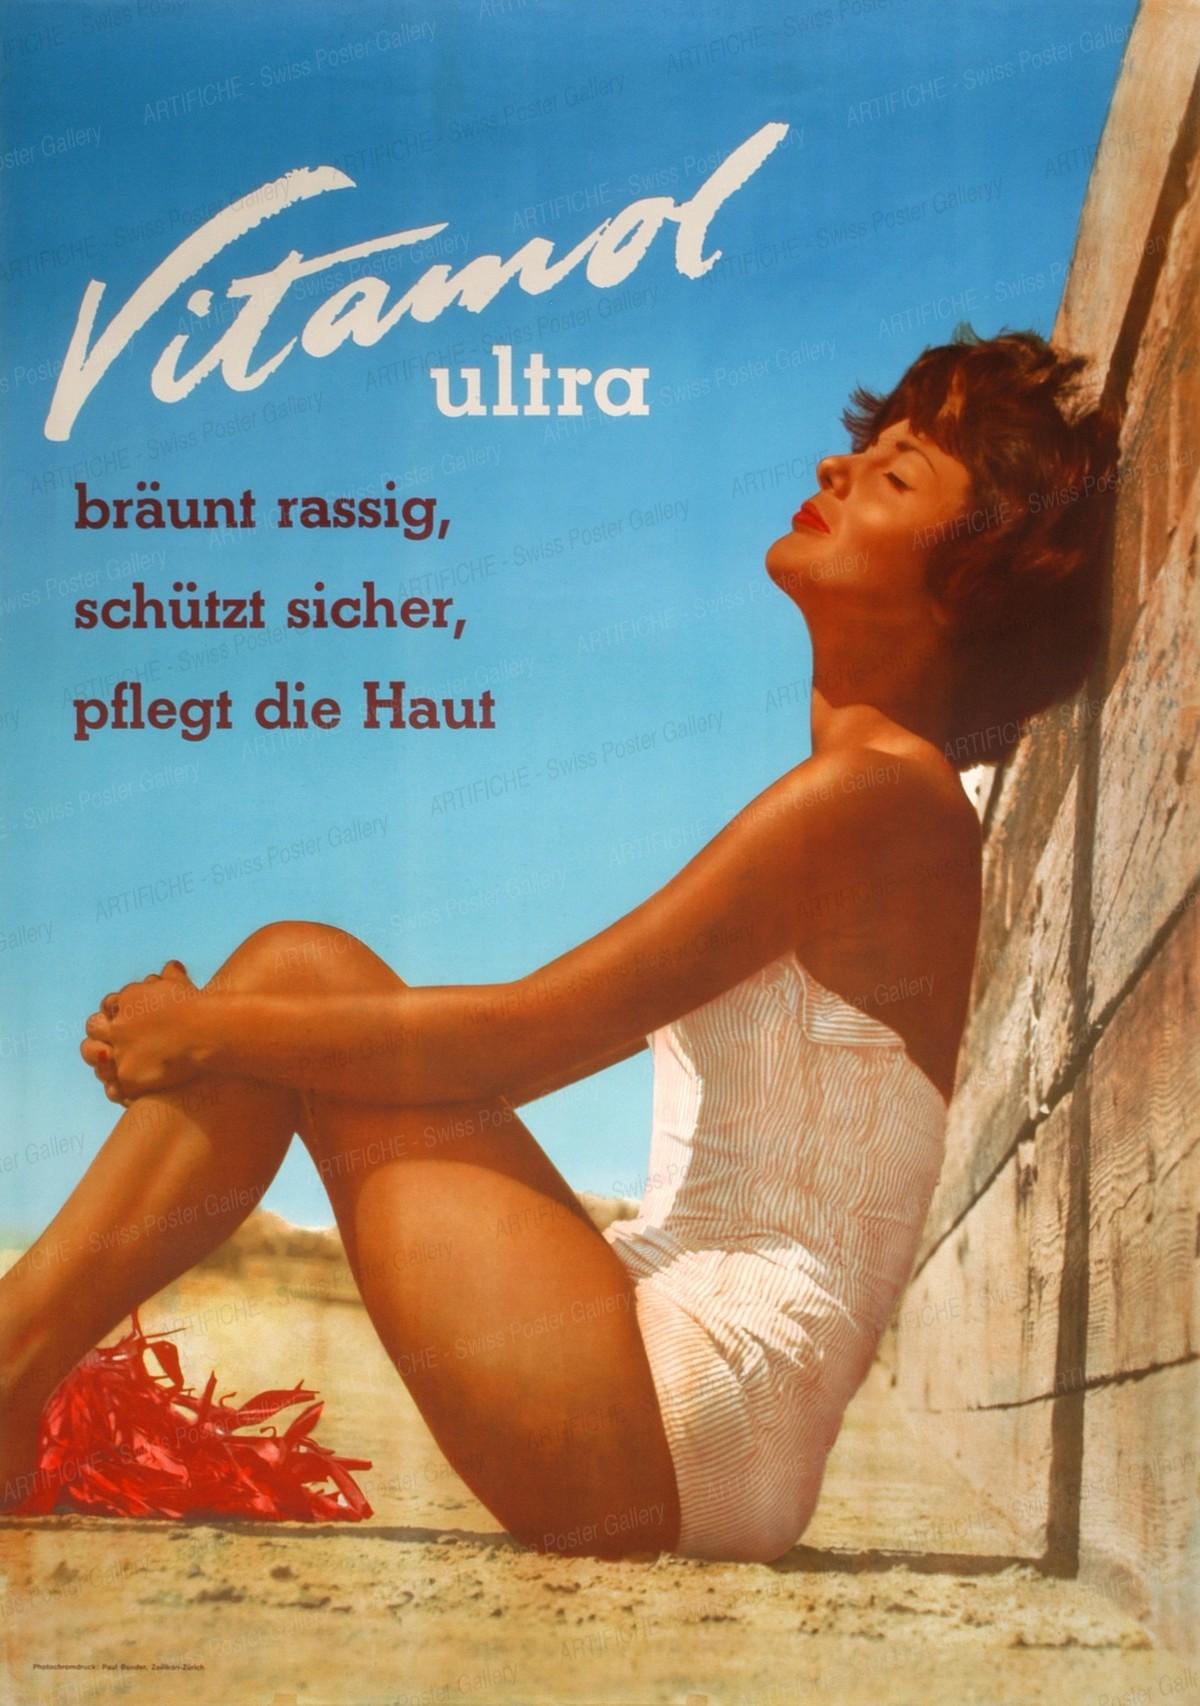 Vitamol – bräunt rassig, schützt sicher, pflegt die Haut, Artist unknown